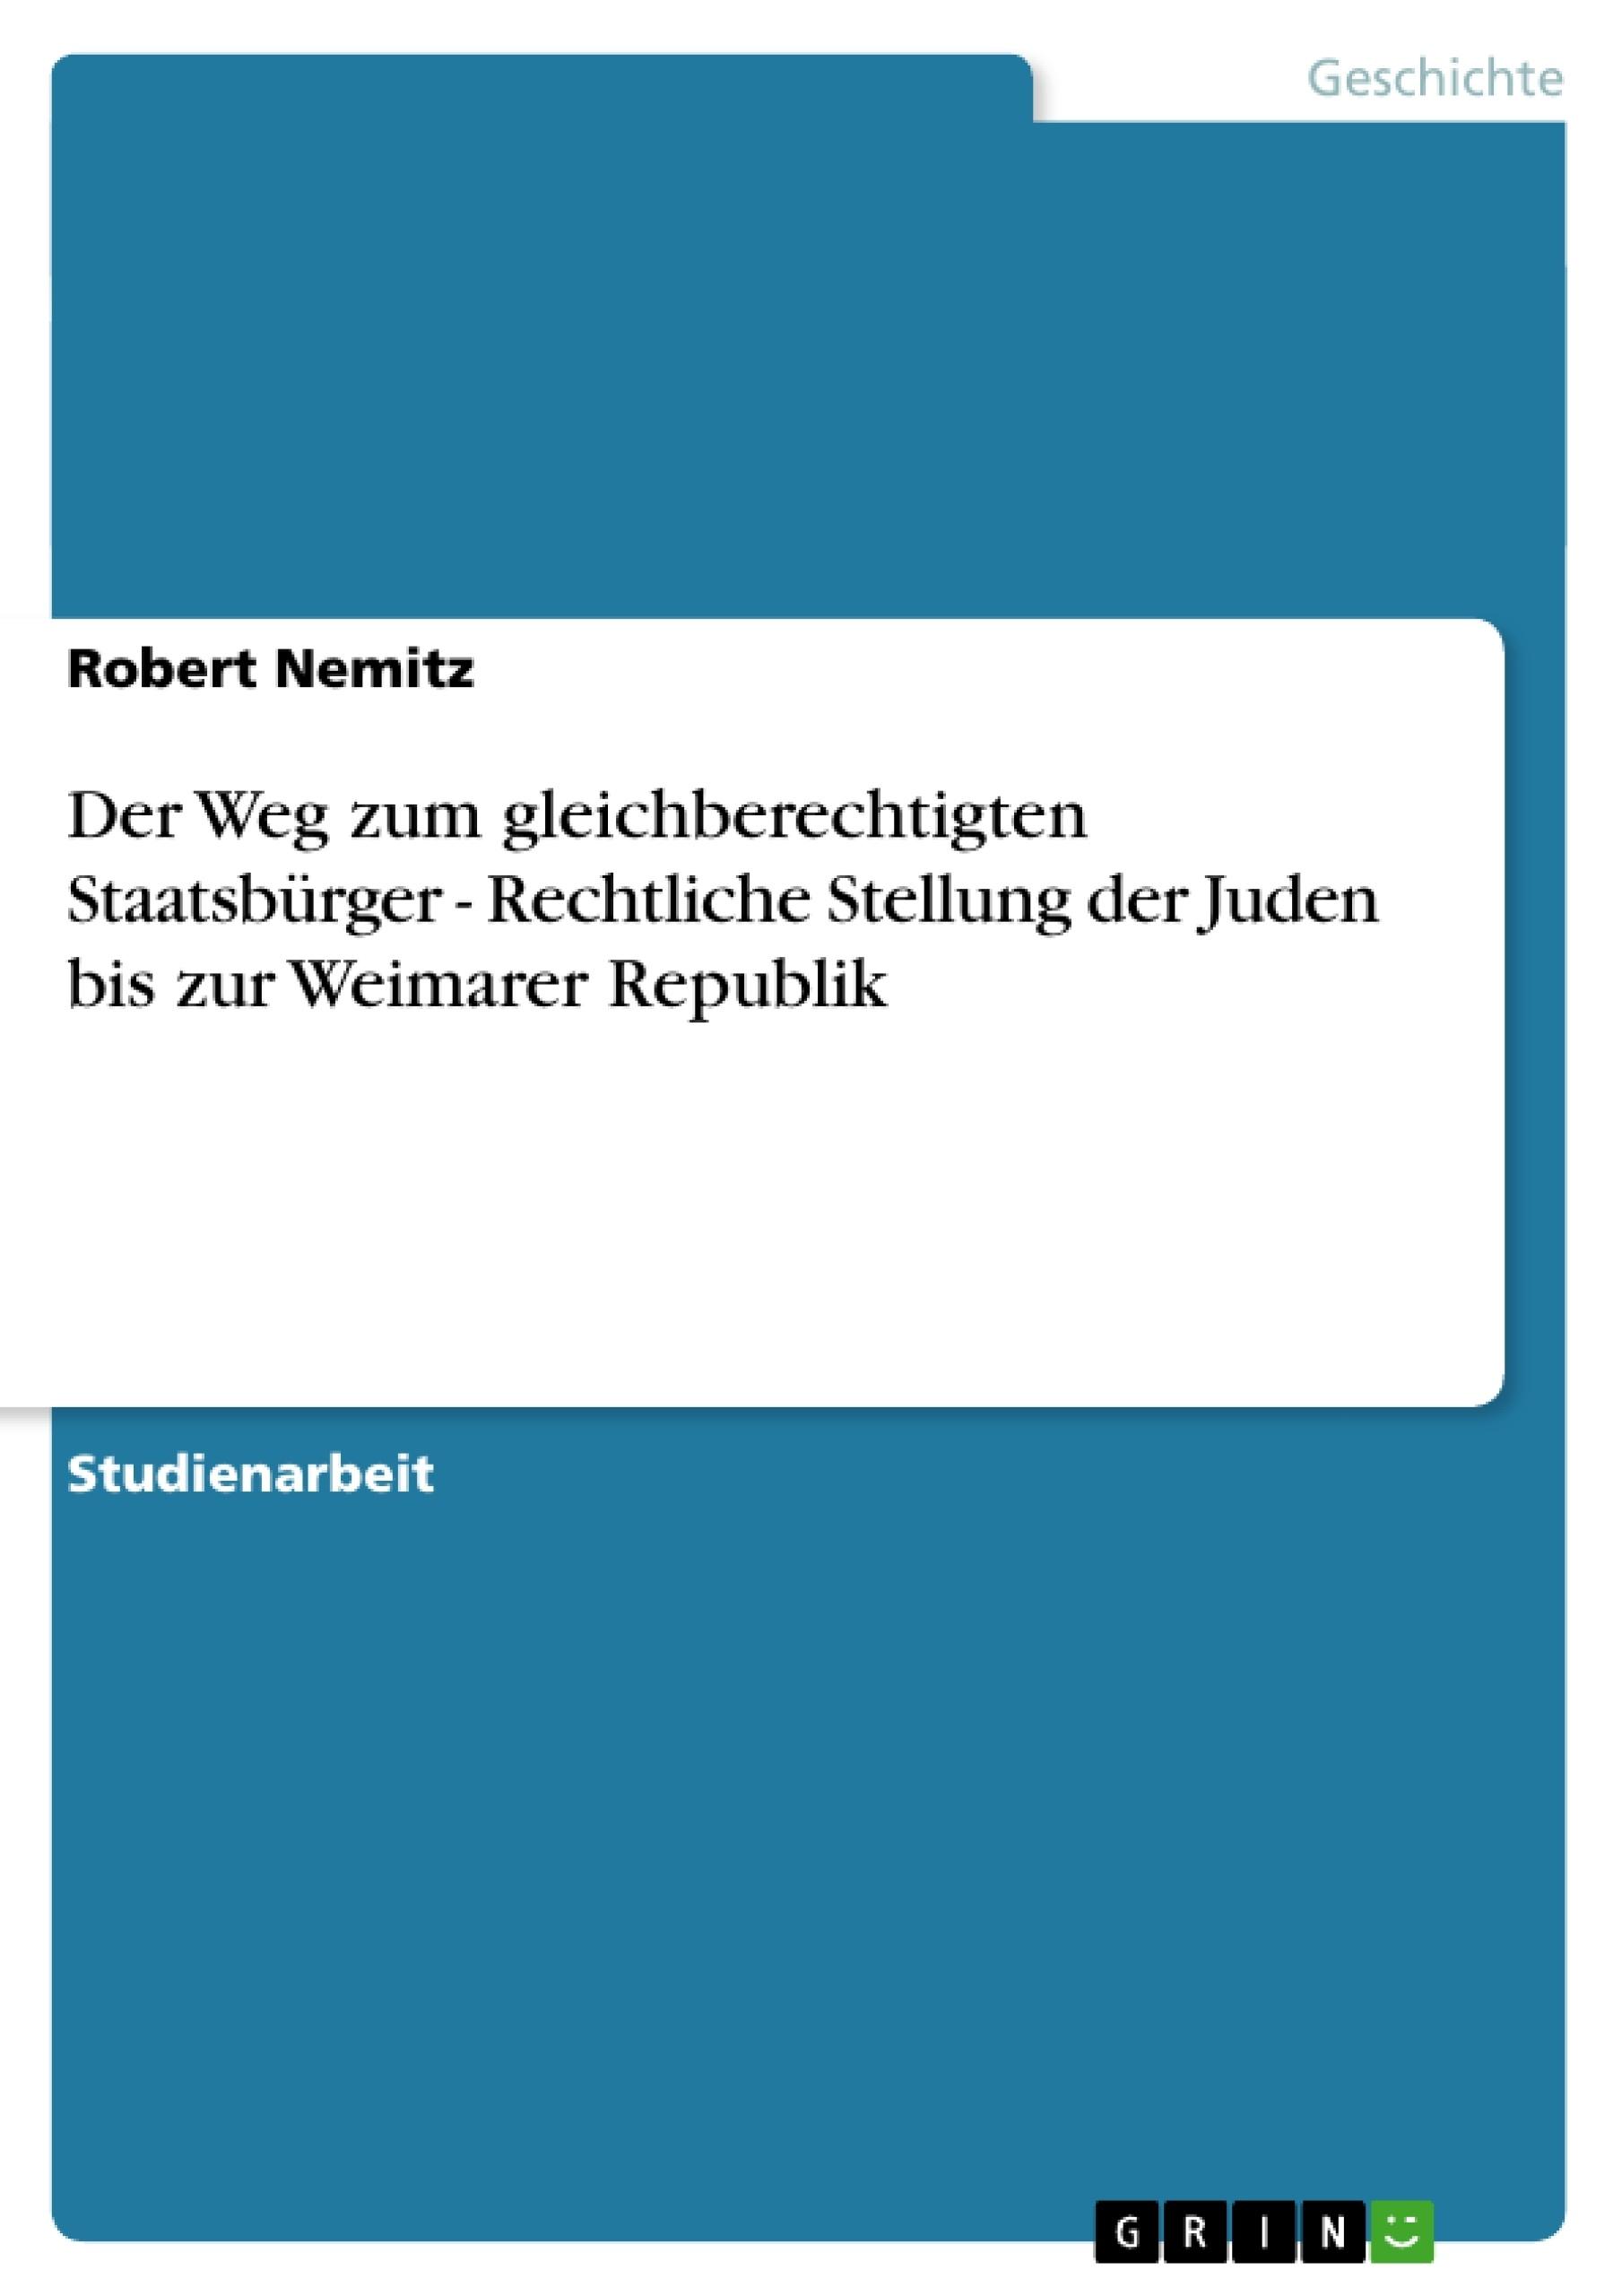 Titel: Der Weg zum gleichberechtigten Staatsbürger - Rechtliche Stellung der Juden bis zur  Weimarer Republik